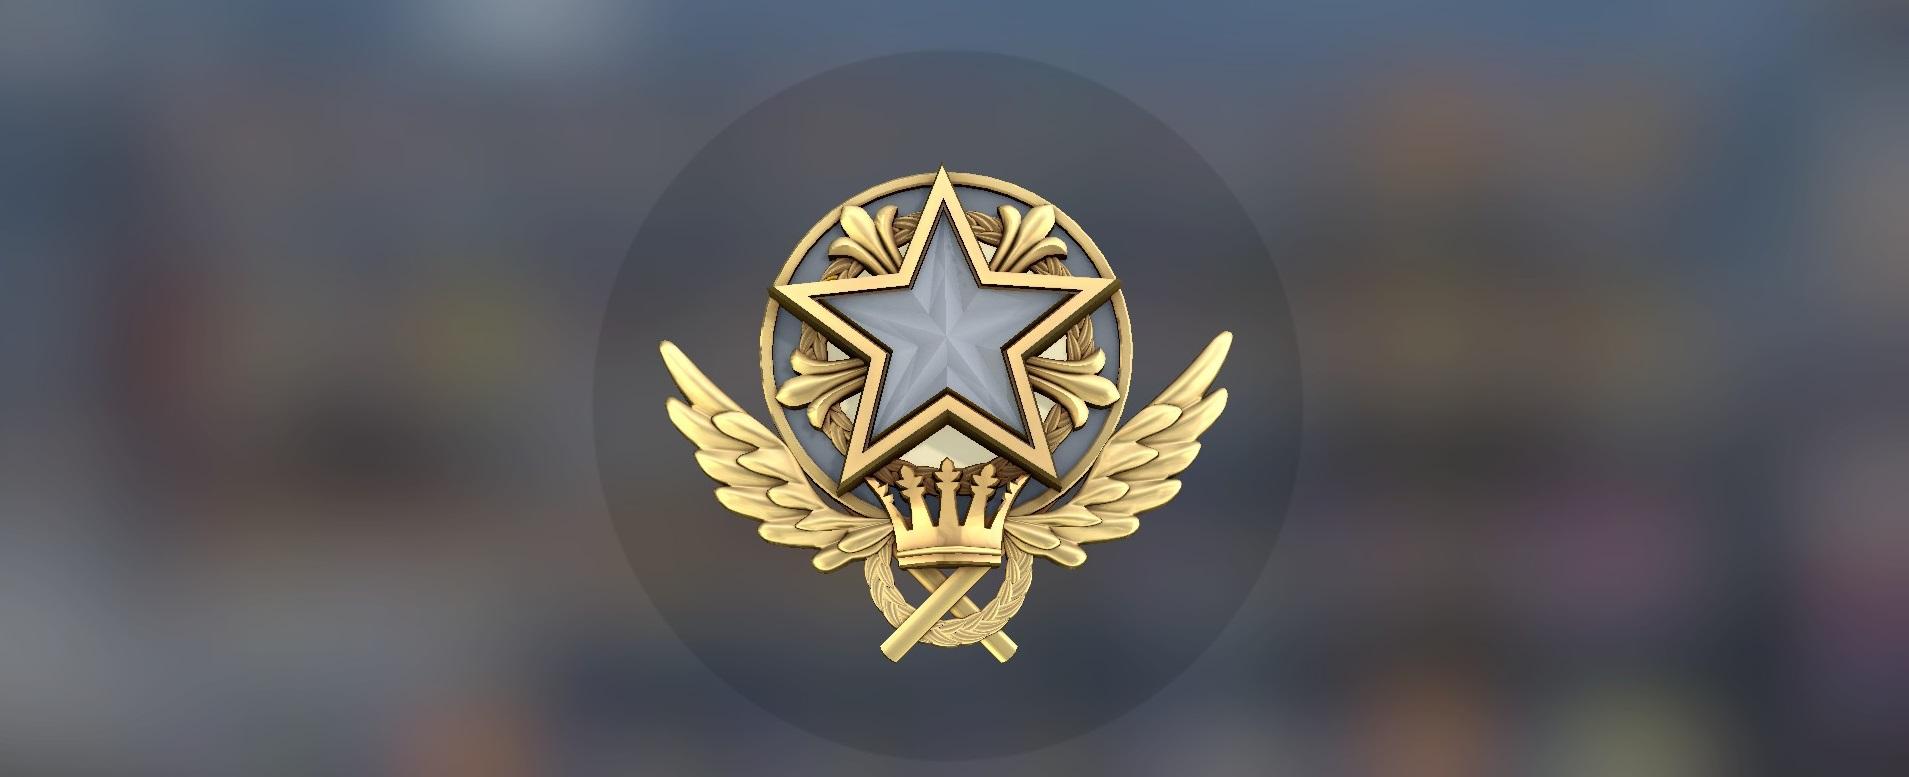 медаль за службу в кс го 2021 год